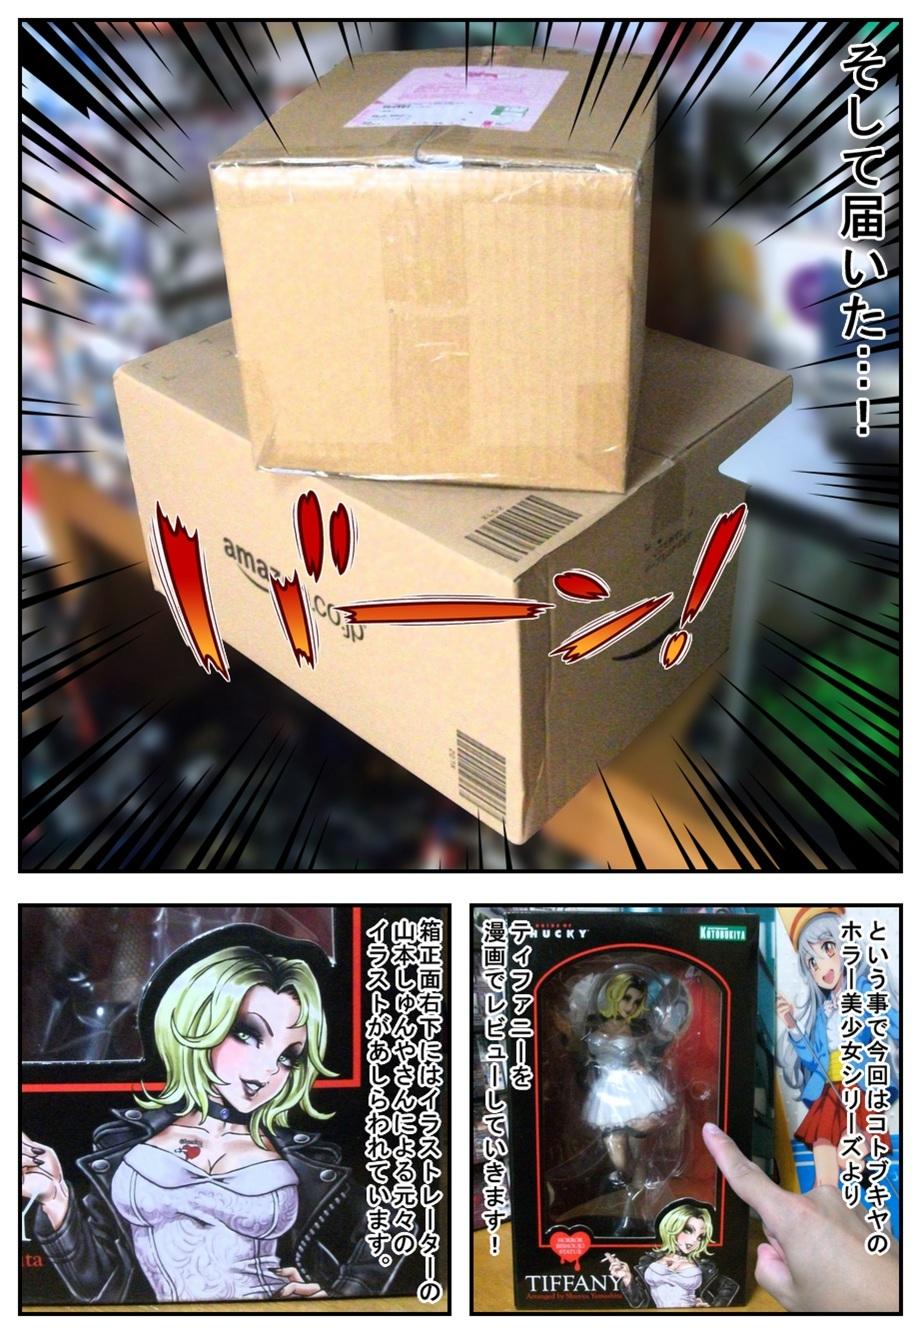 【漫画で商品レビュー】ホラー美少女ティファニー_f0205396_21365890.jpg